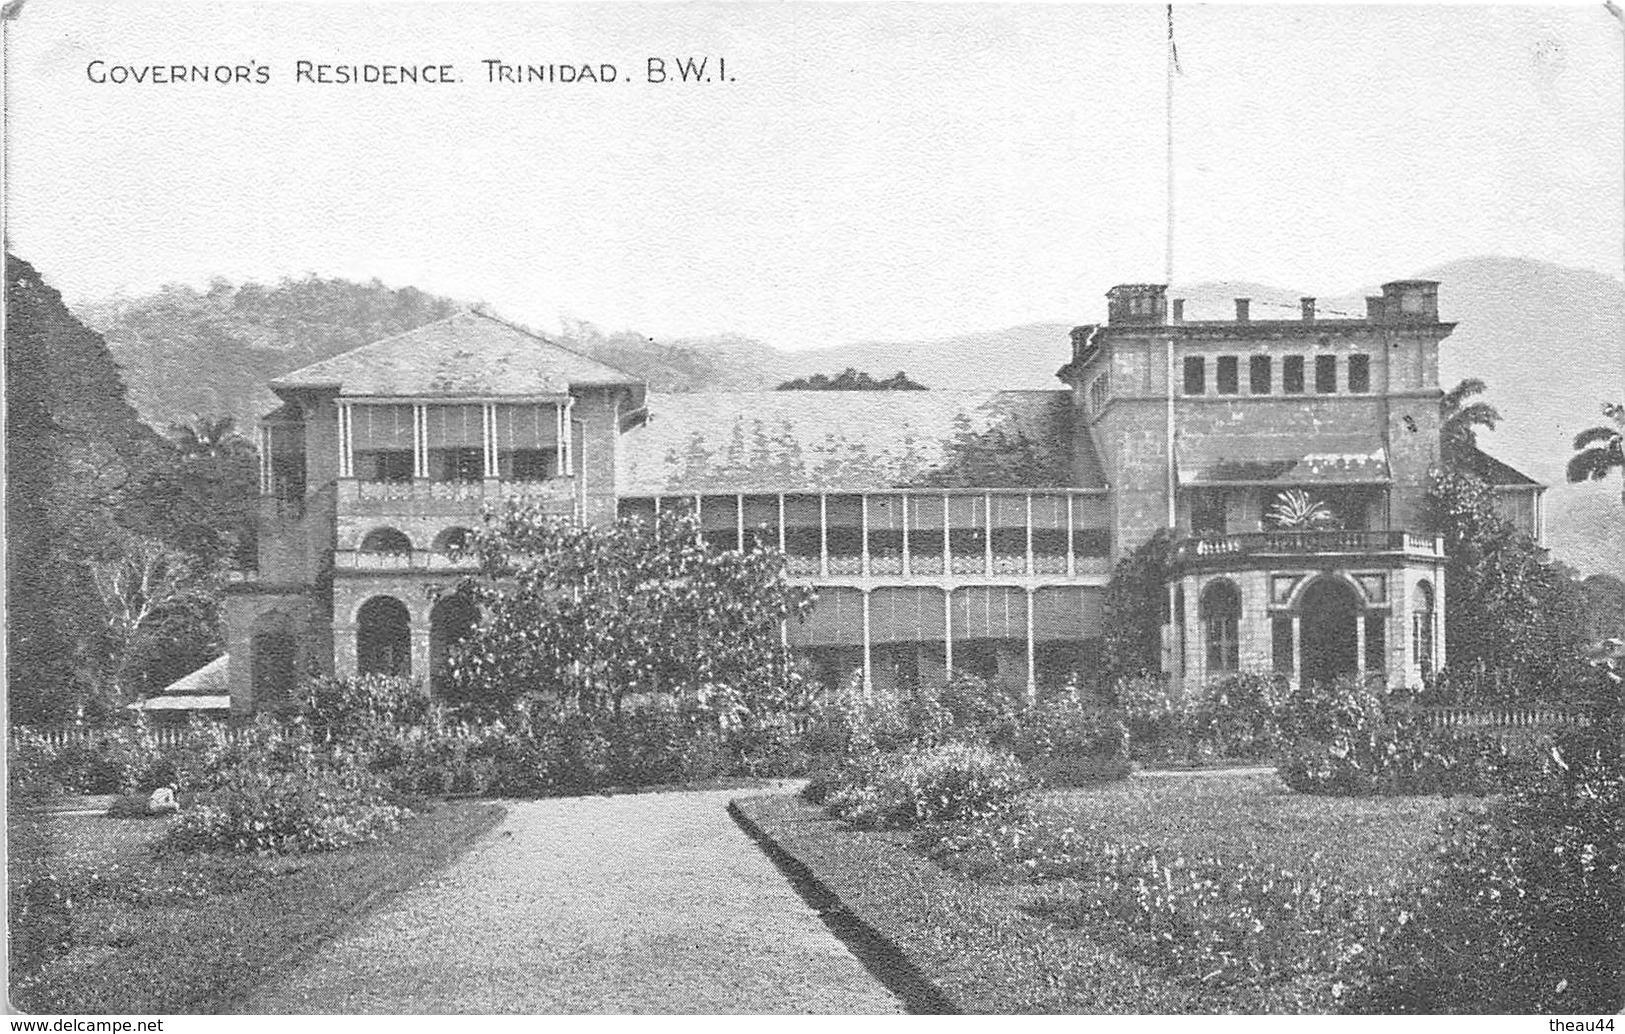 ¤¤   -   TRINIDAD  -  Governor's Residence    -  ¤¤ - Trinidad